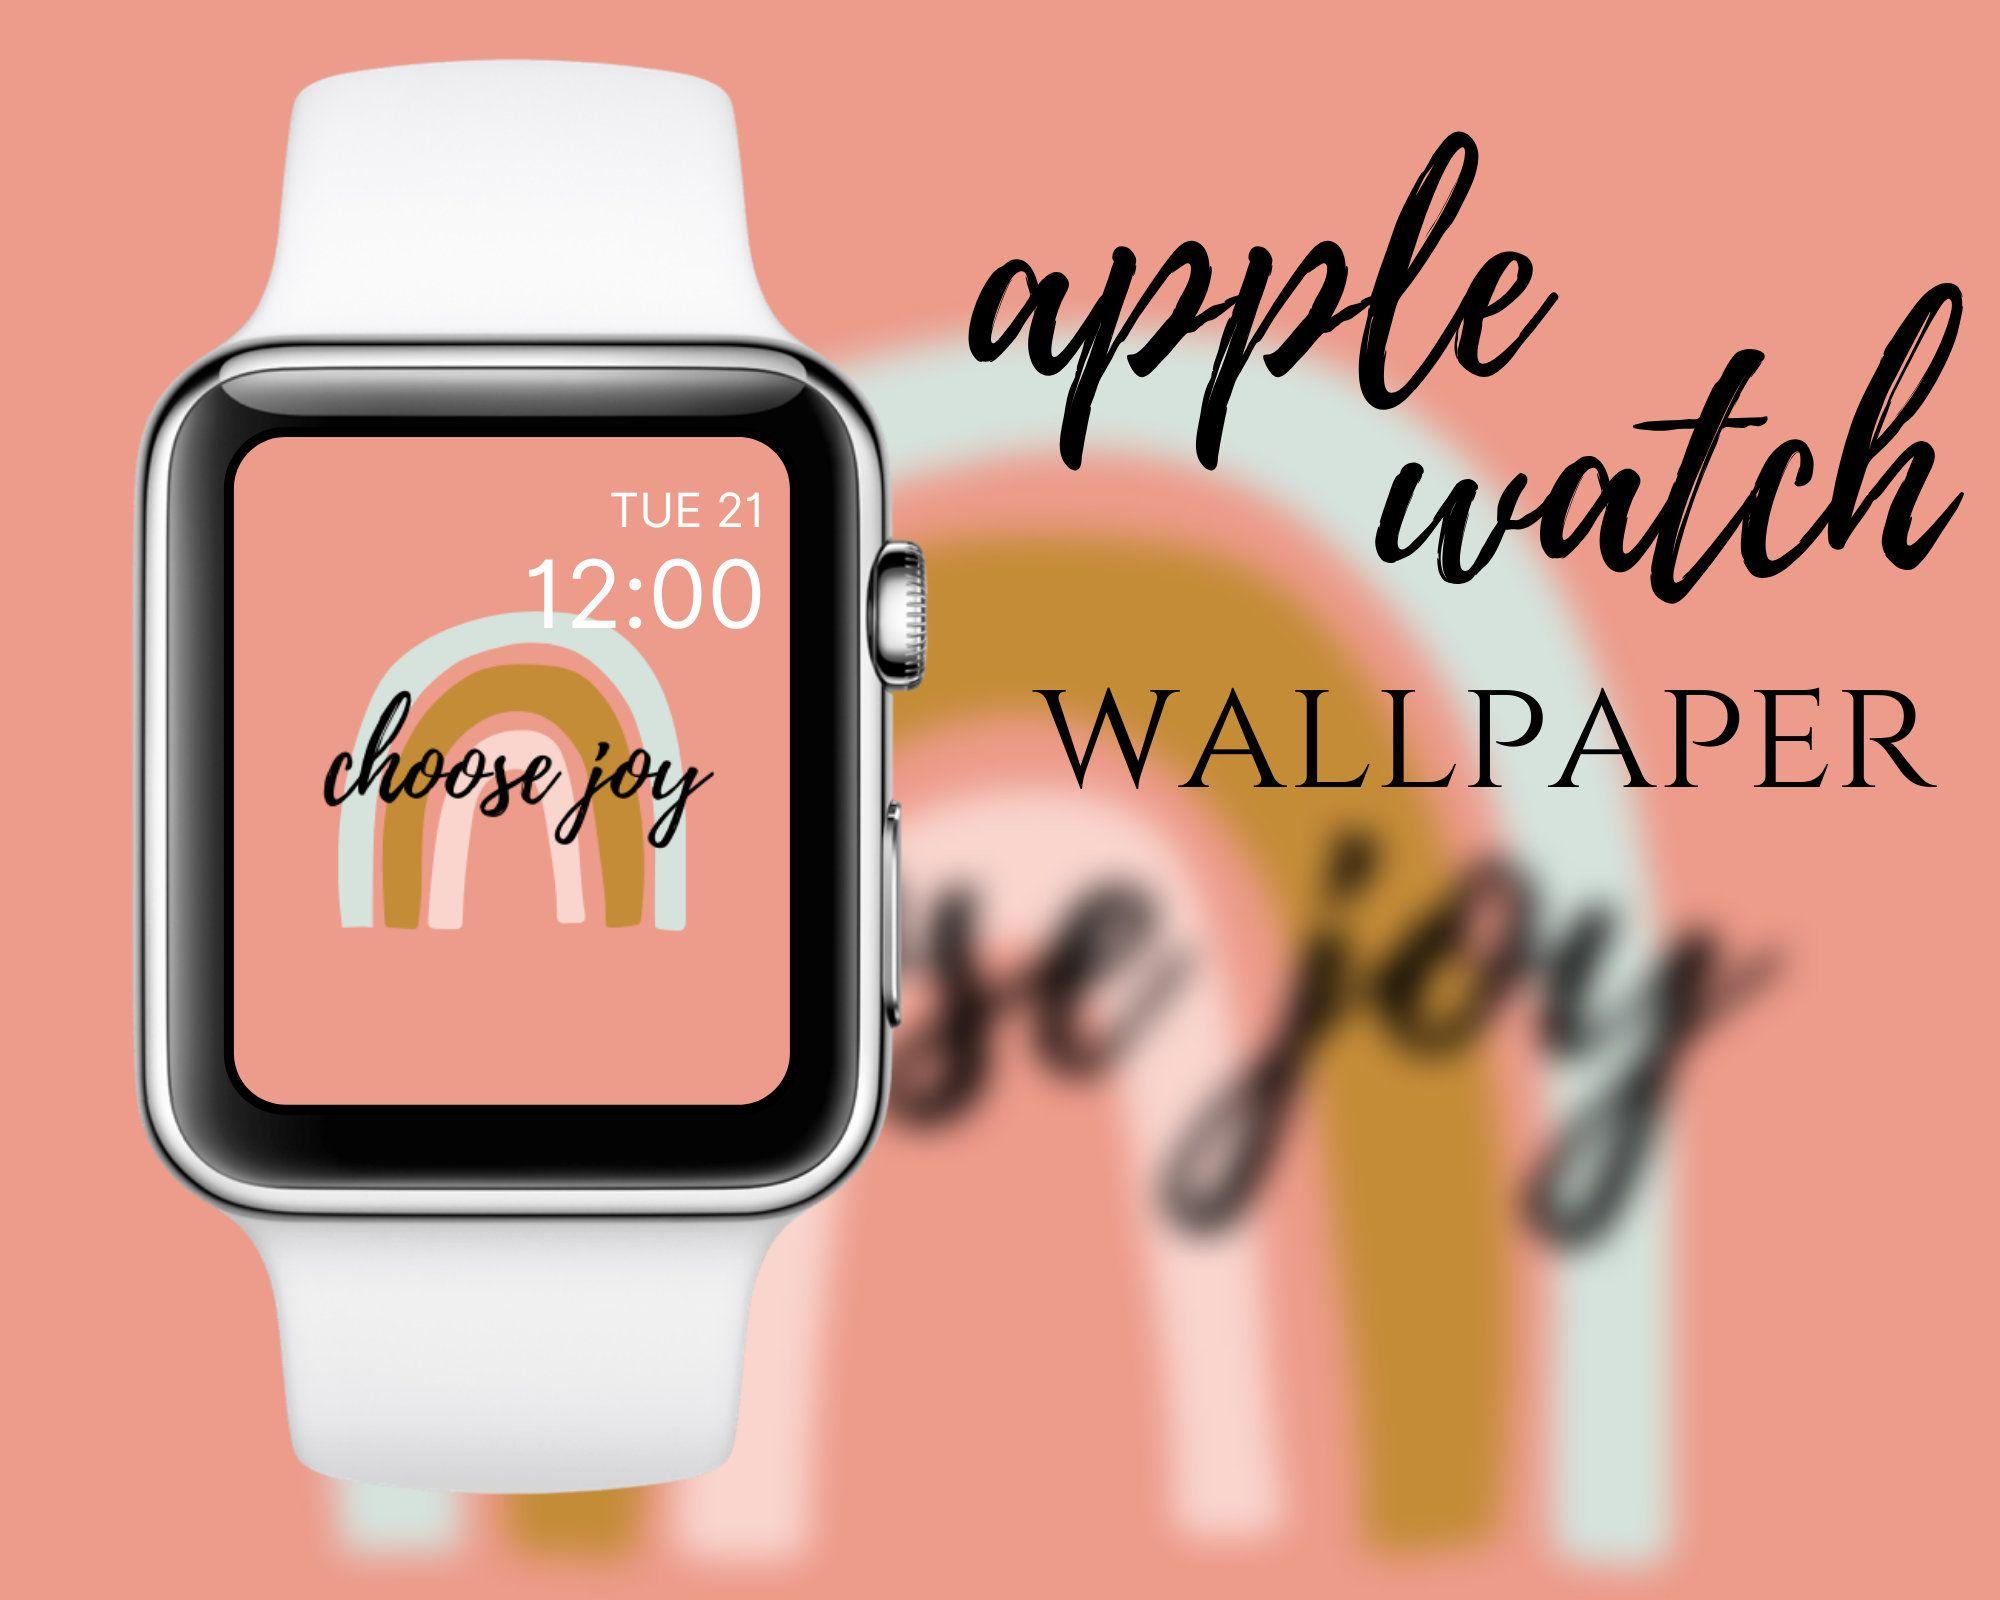 Apple Watch Wallpaper Rainbow Instant Download Apple Watch Wallpaper Watch Wallpaper Apple Watch